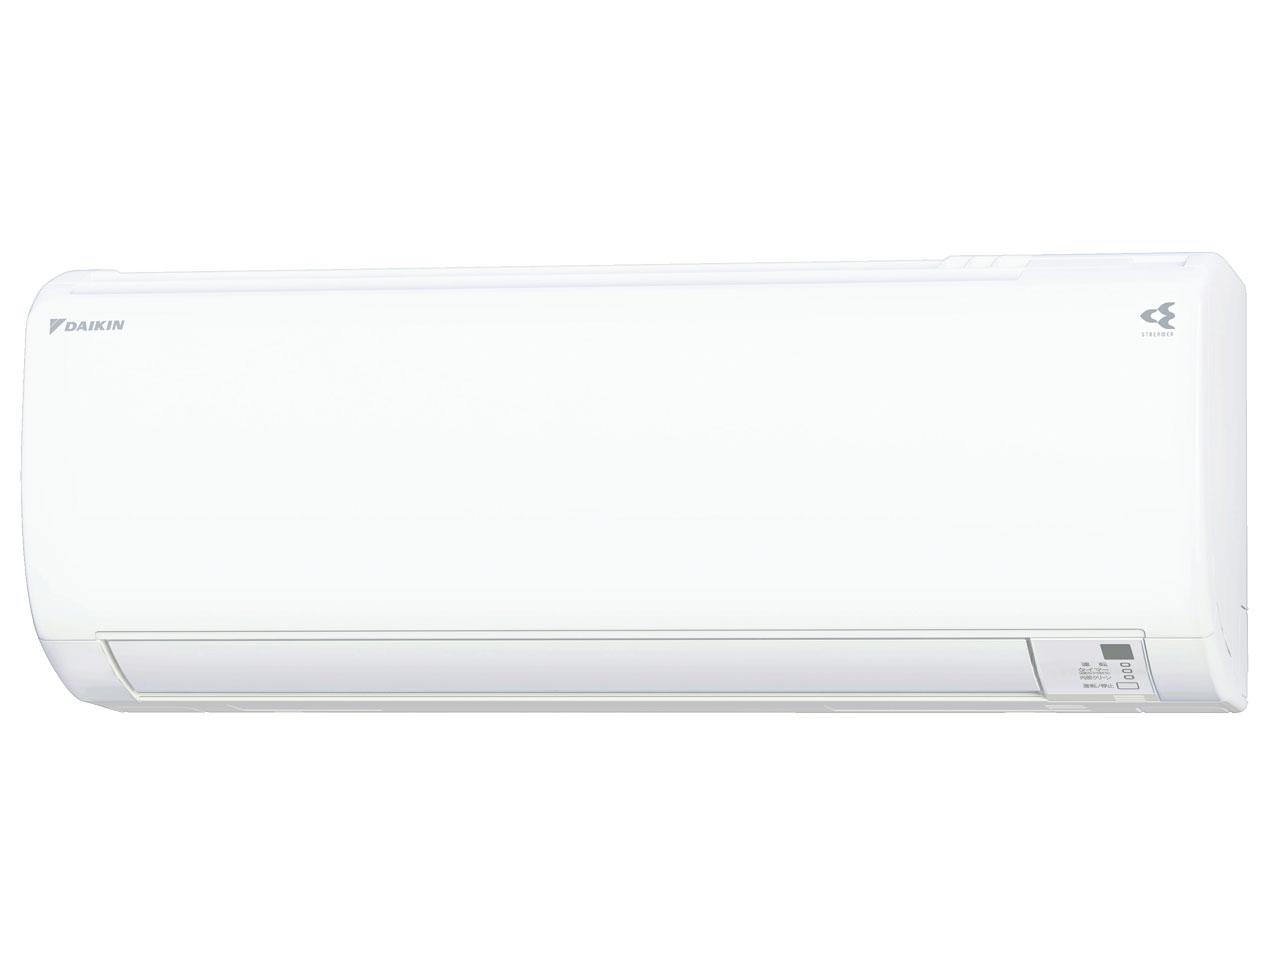 ダイキン 19年モデル KXシリーズ S22WTKXP-W 【200V用】6畳用冷暖房除湿エアコン